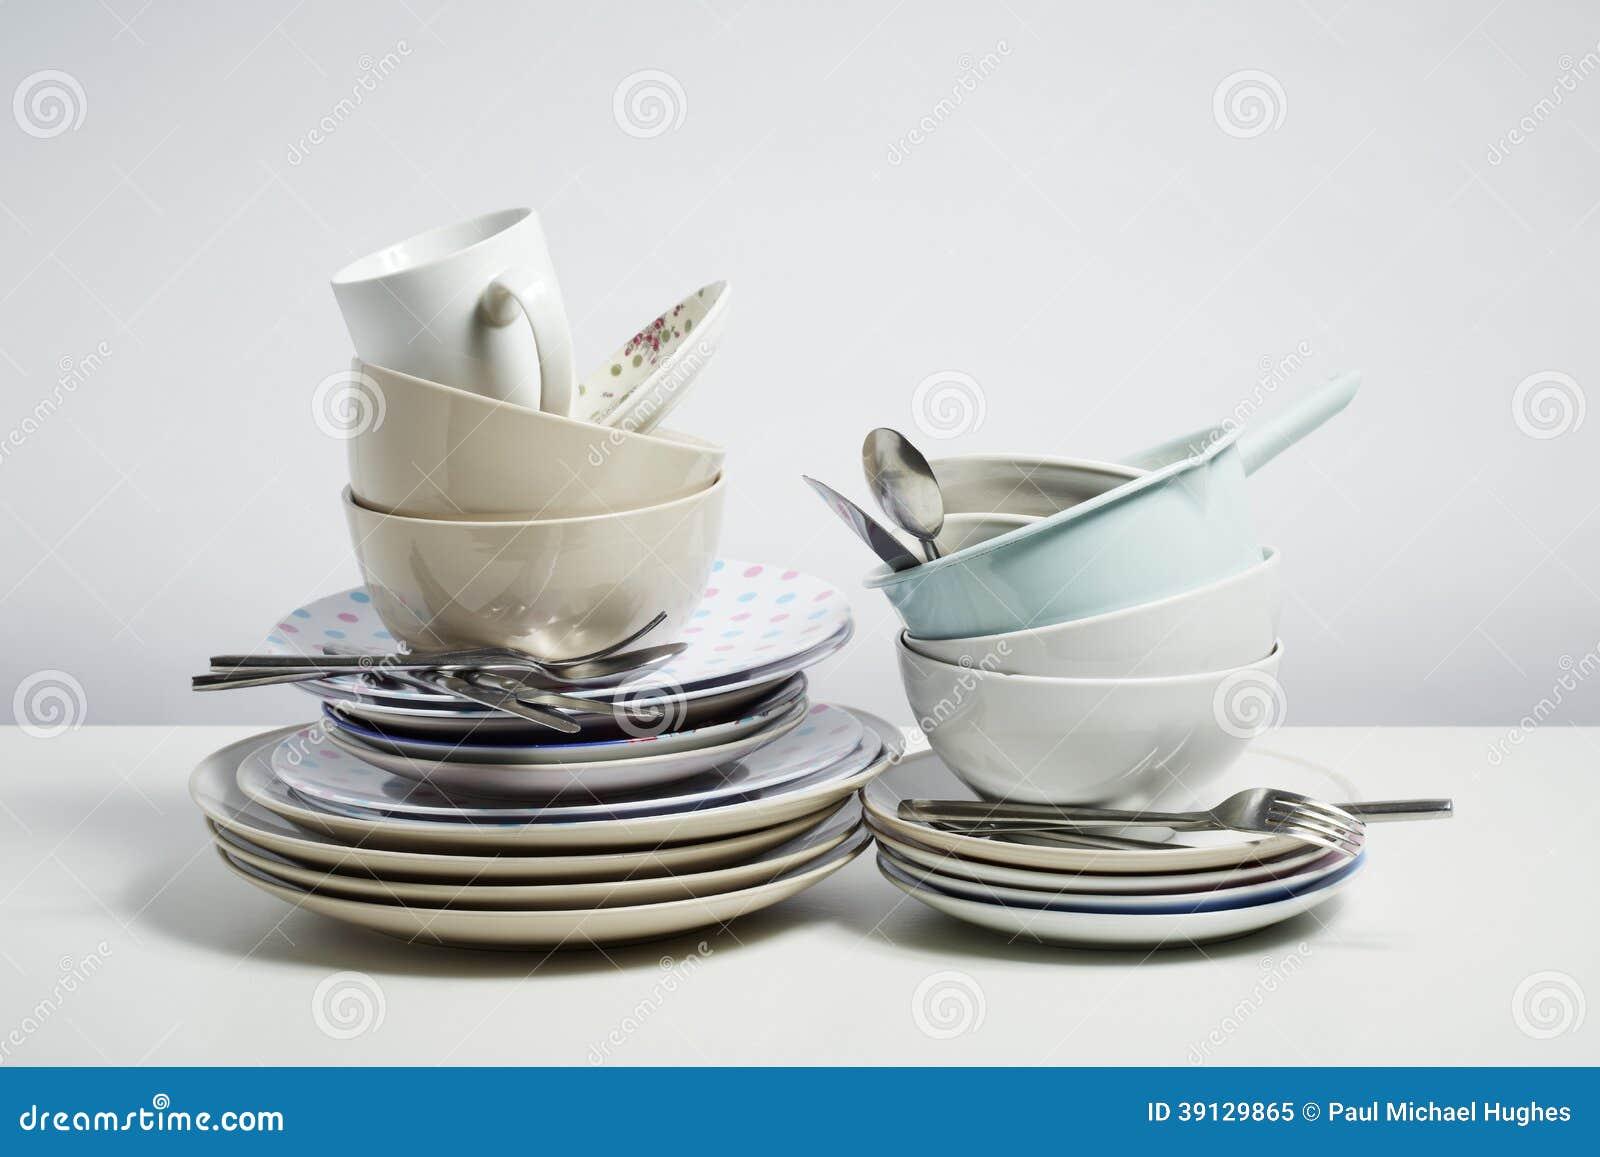 Schmutzige Teller Auf Weißem Hintergrund Stockfoto  Bild  ~ Geschirr Natur